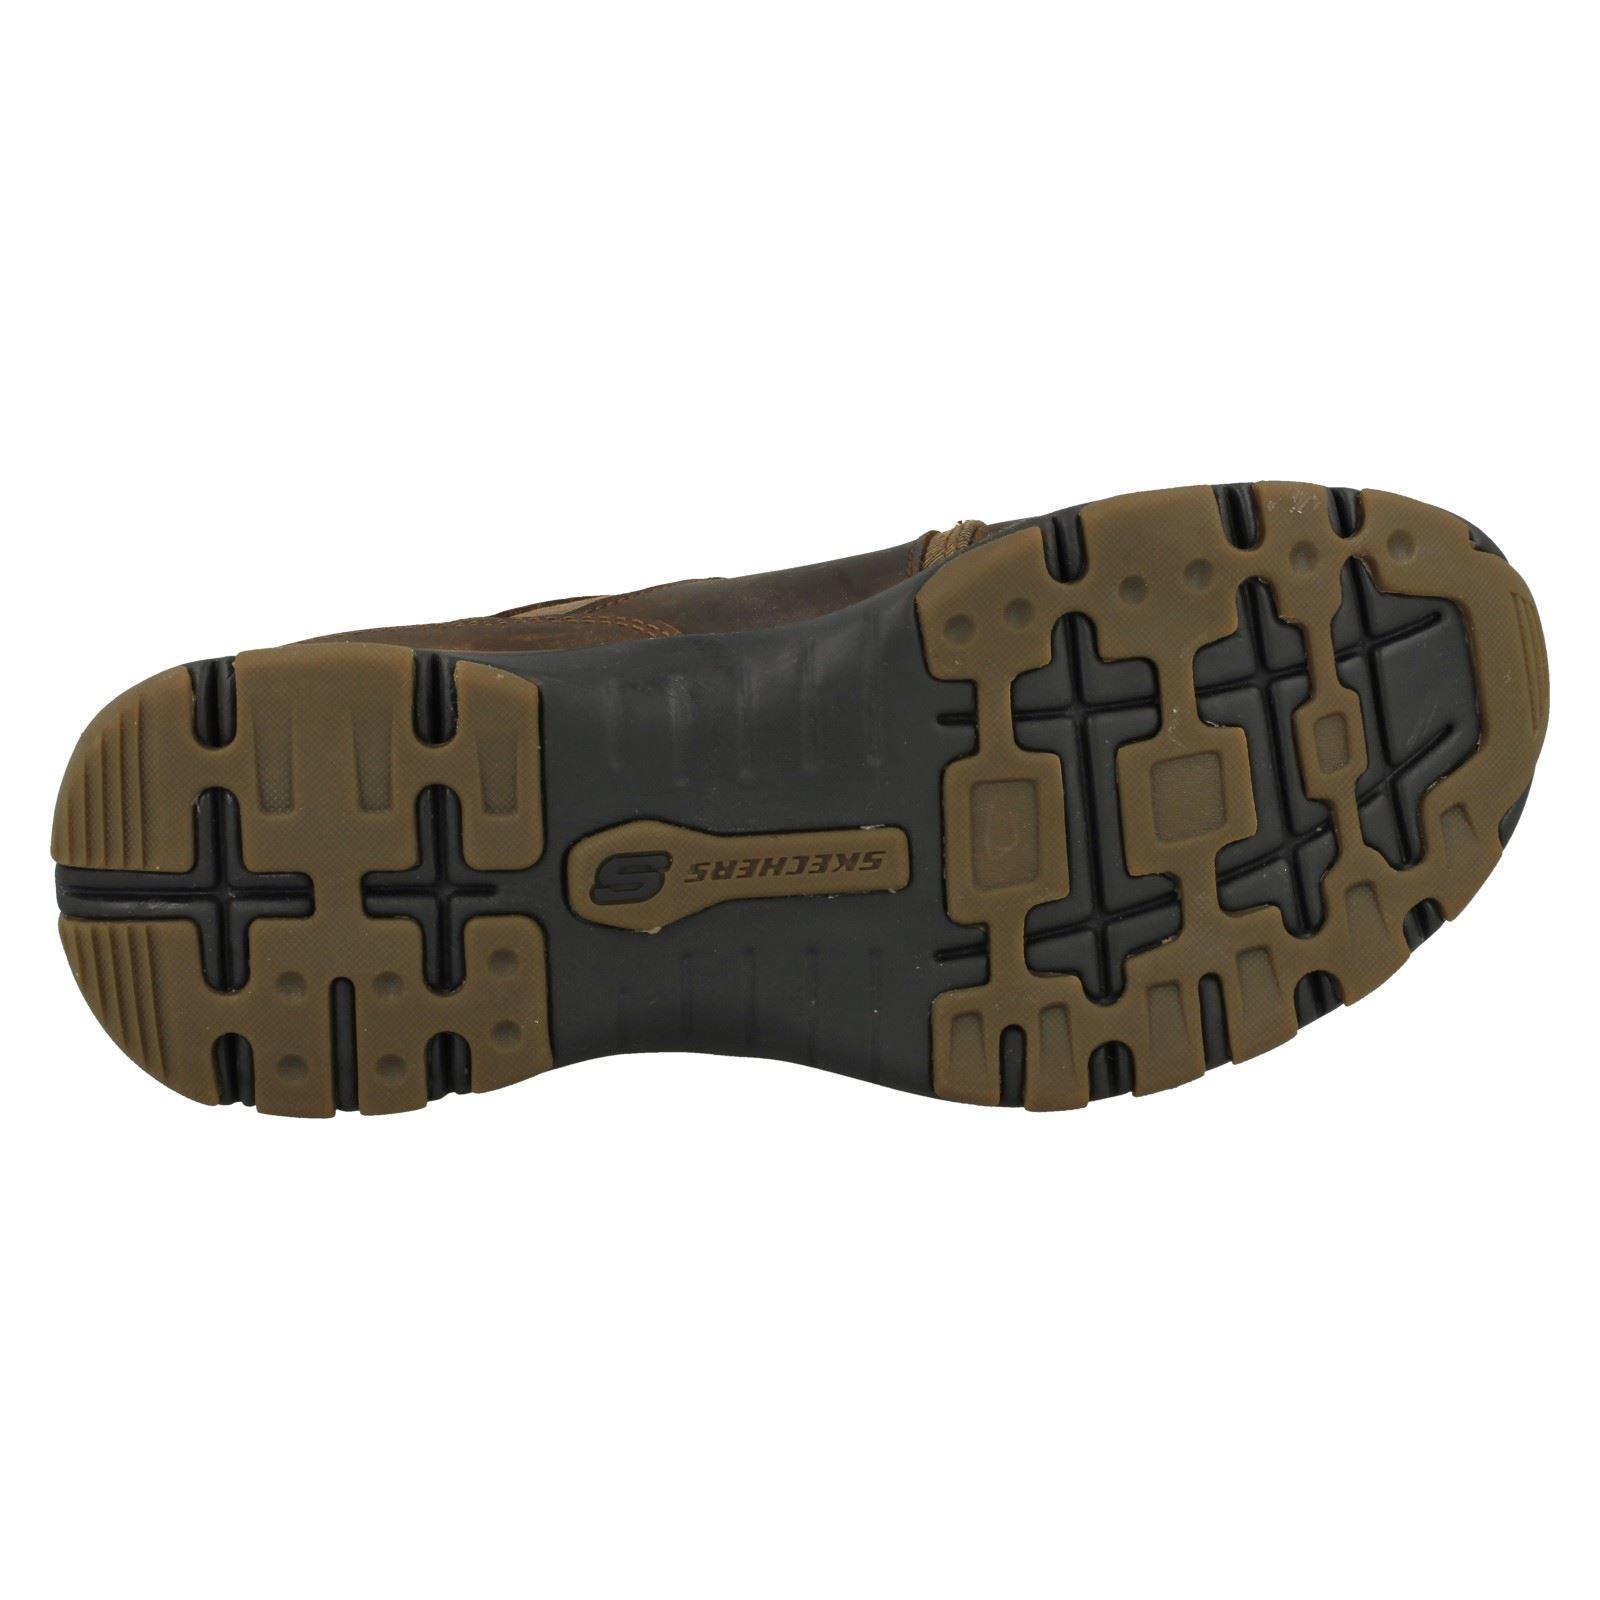 Herren Stiefel Skechers Casual Lace Up Stiefel Herren Lutador 308e1b